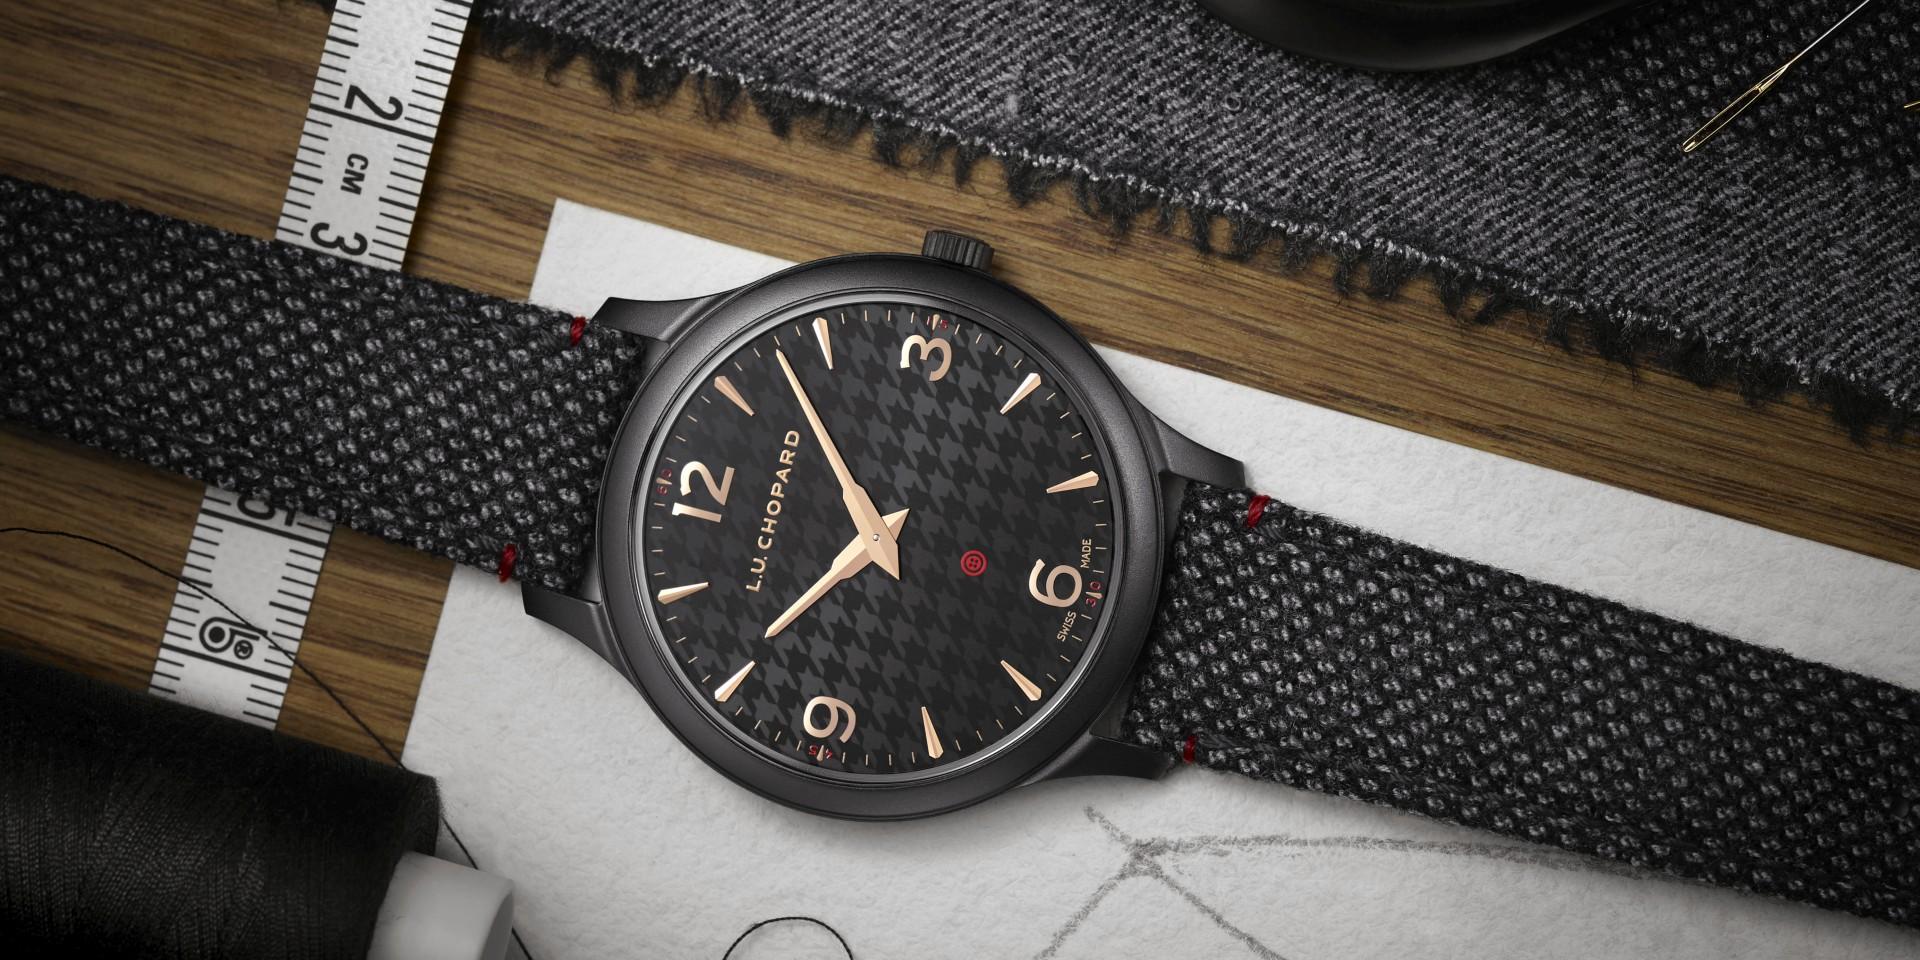 千鳥格紋設計盡顯紳士風範:蕭邦L.U.C XP Il Sarto Kiton腕錶